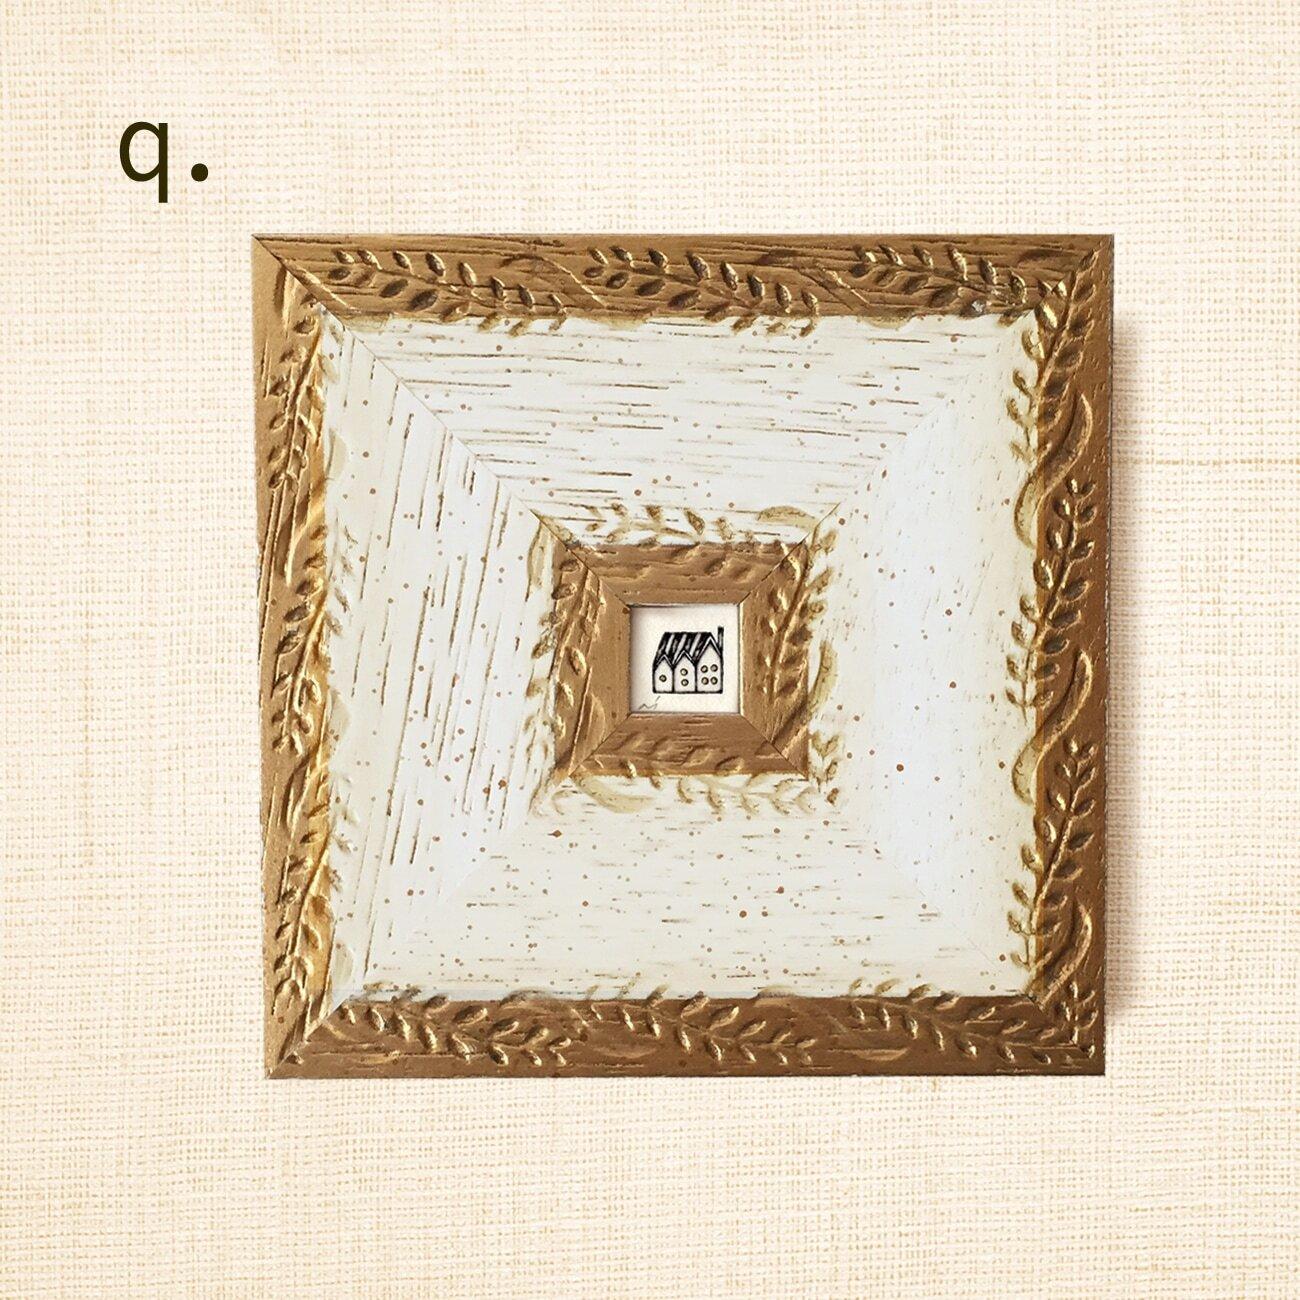 ミニ額縁 原画【 帰る場所 】ご注文者さま・額縁セレクト画像<q>-<z><a#>-<f#>